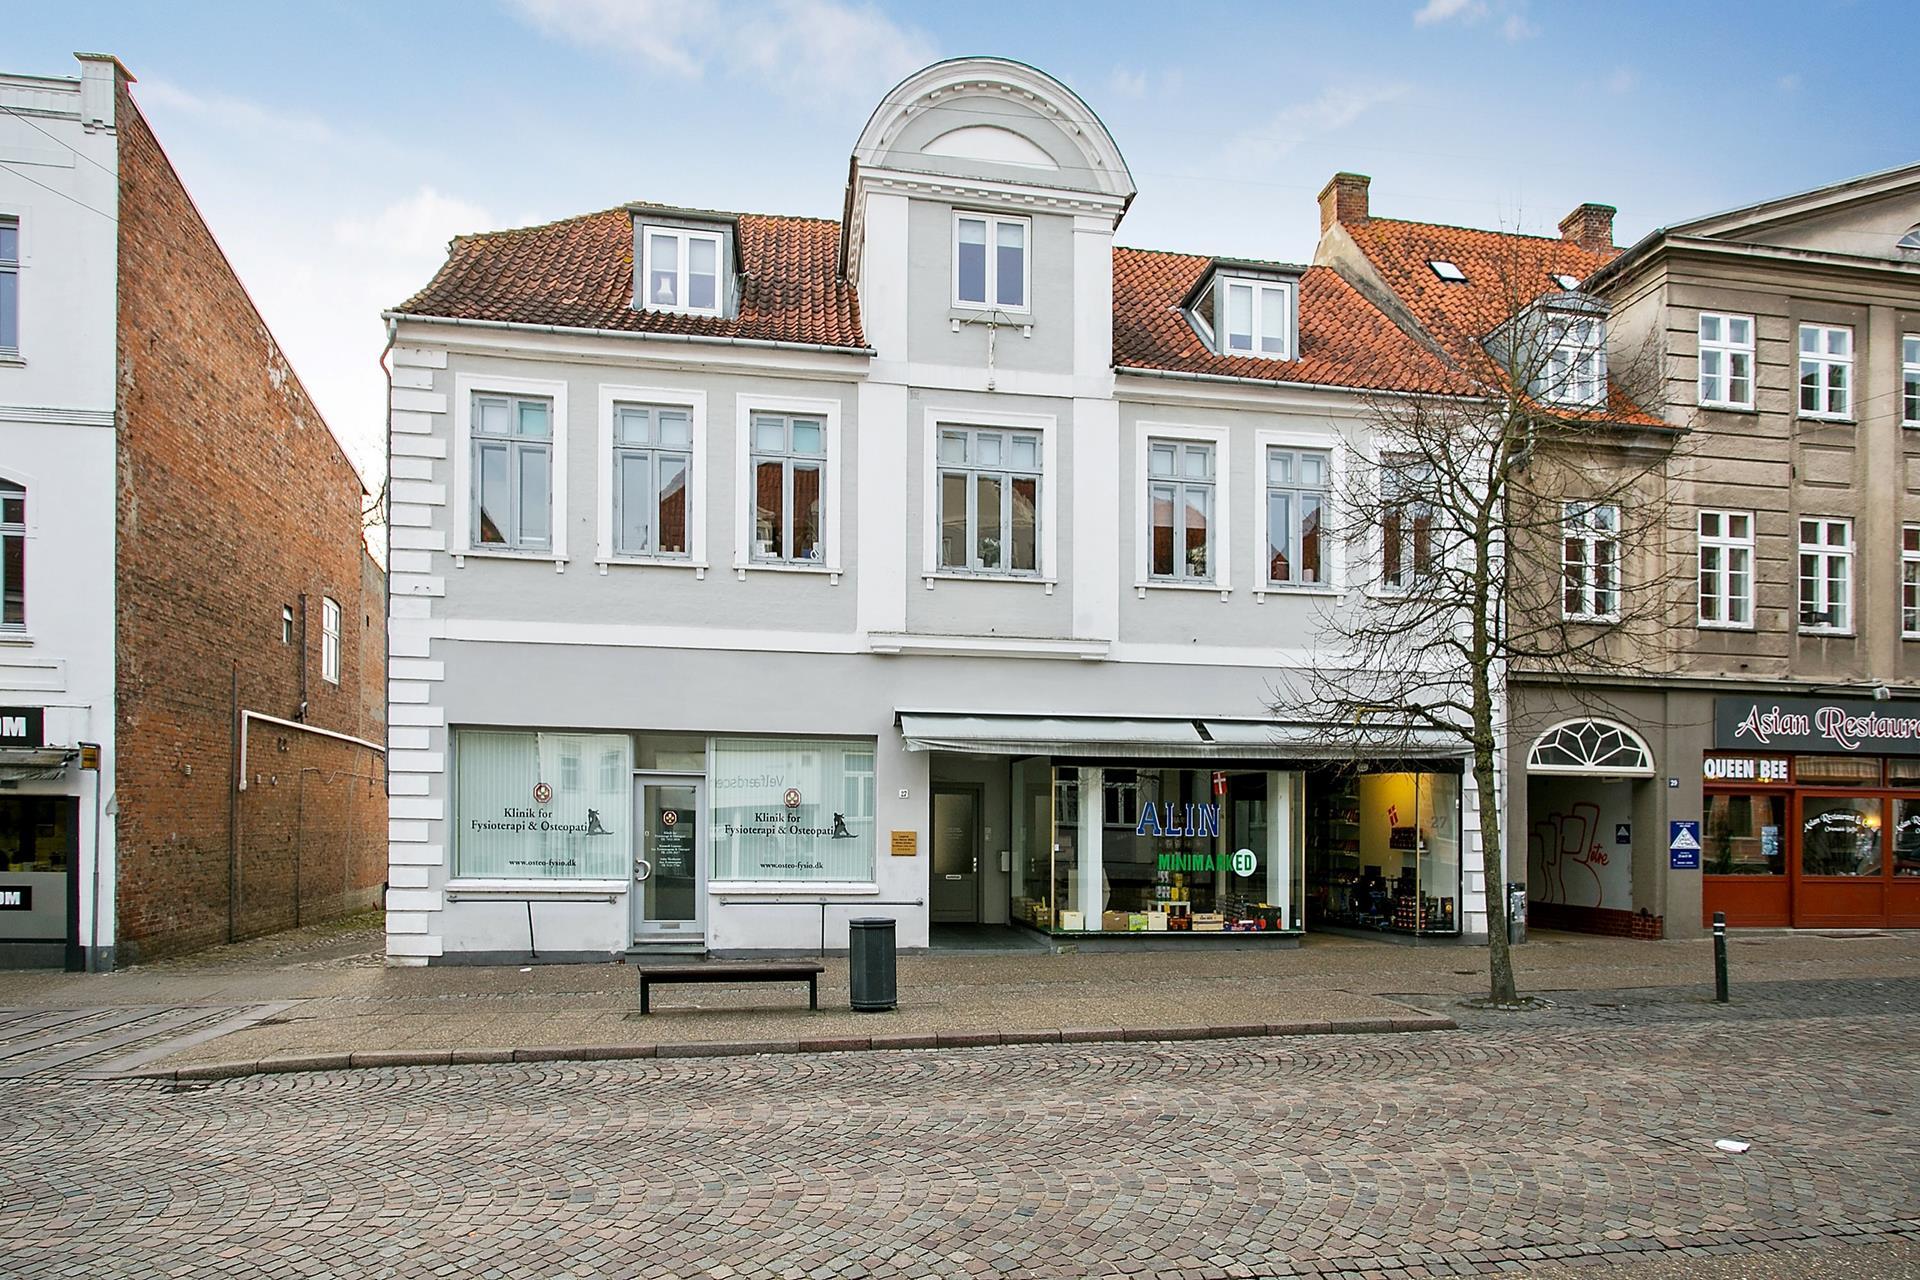 Bolig/erhverv på Nørregade i Haderslev - Facade